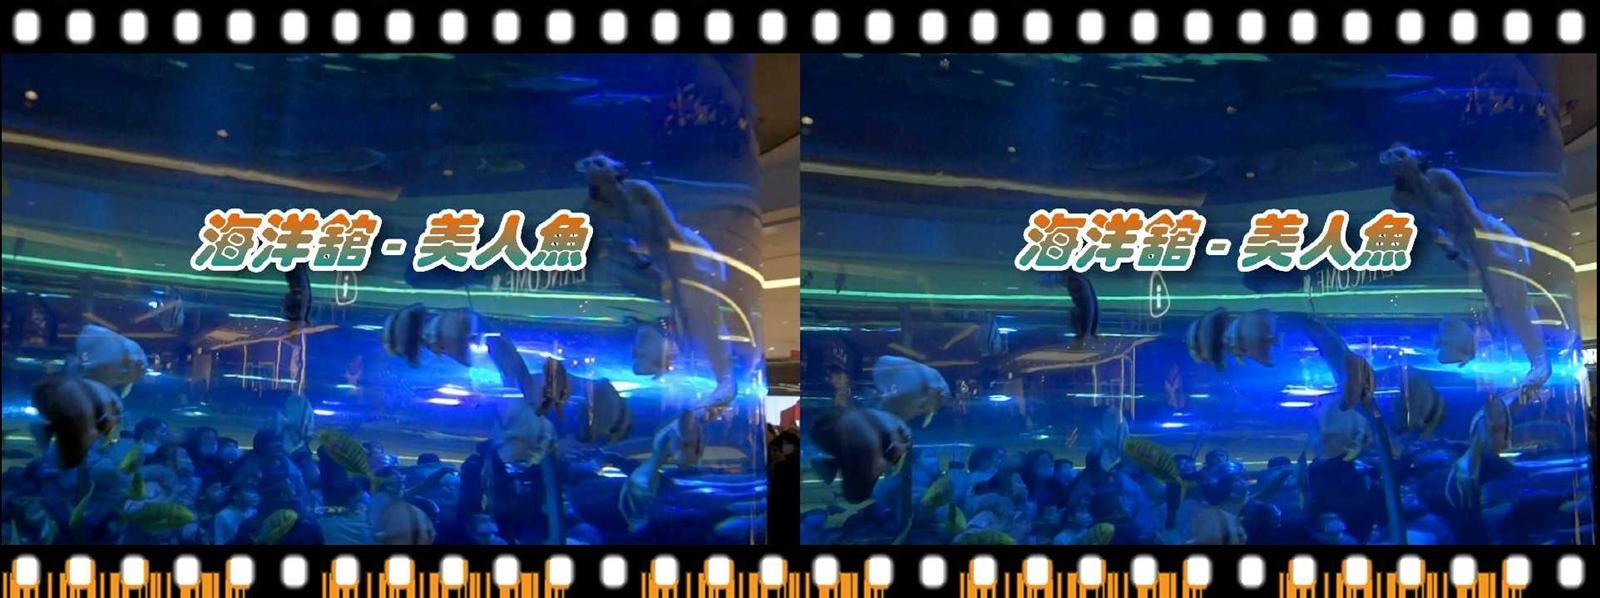 【原创】海洋馆-美人鱼 -截屏